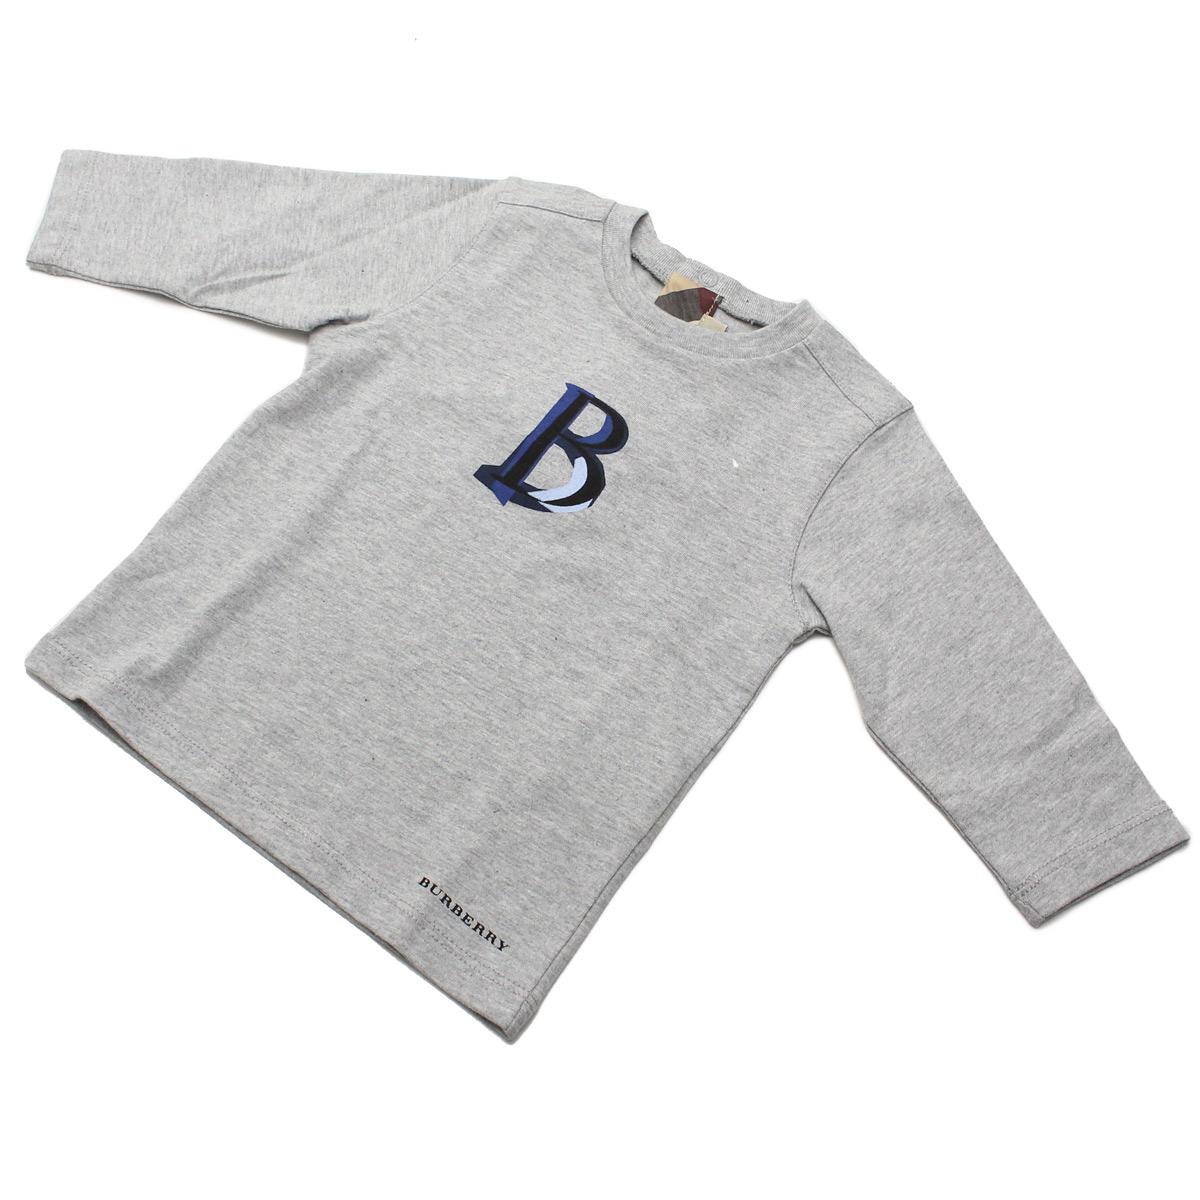 burberry baby shirt